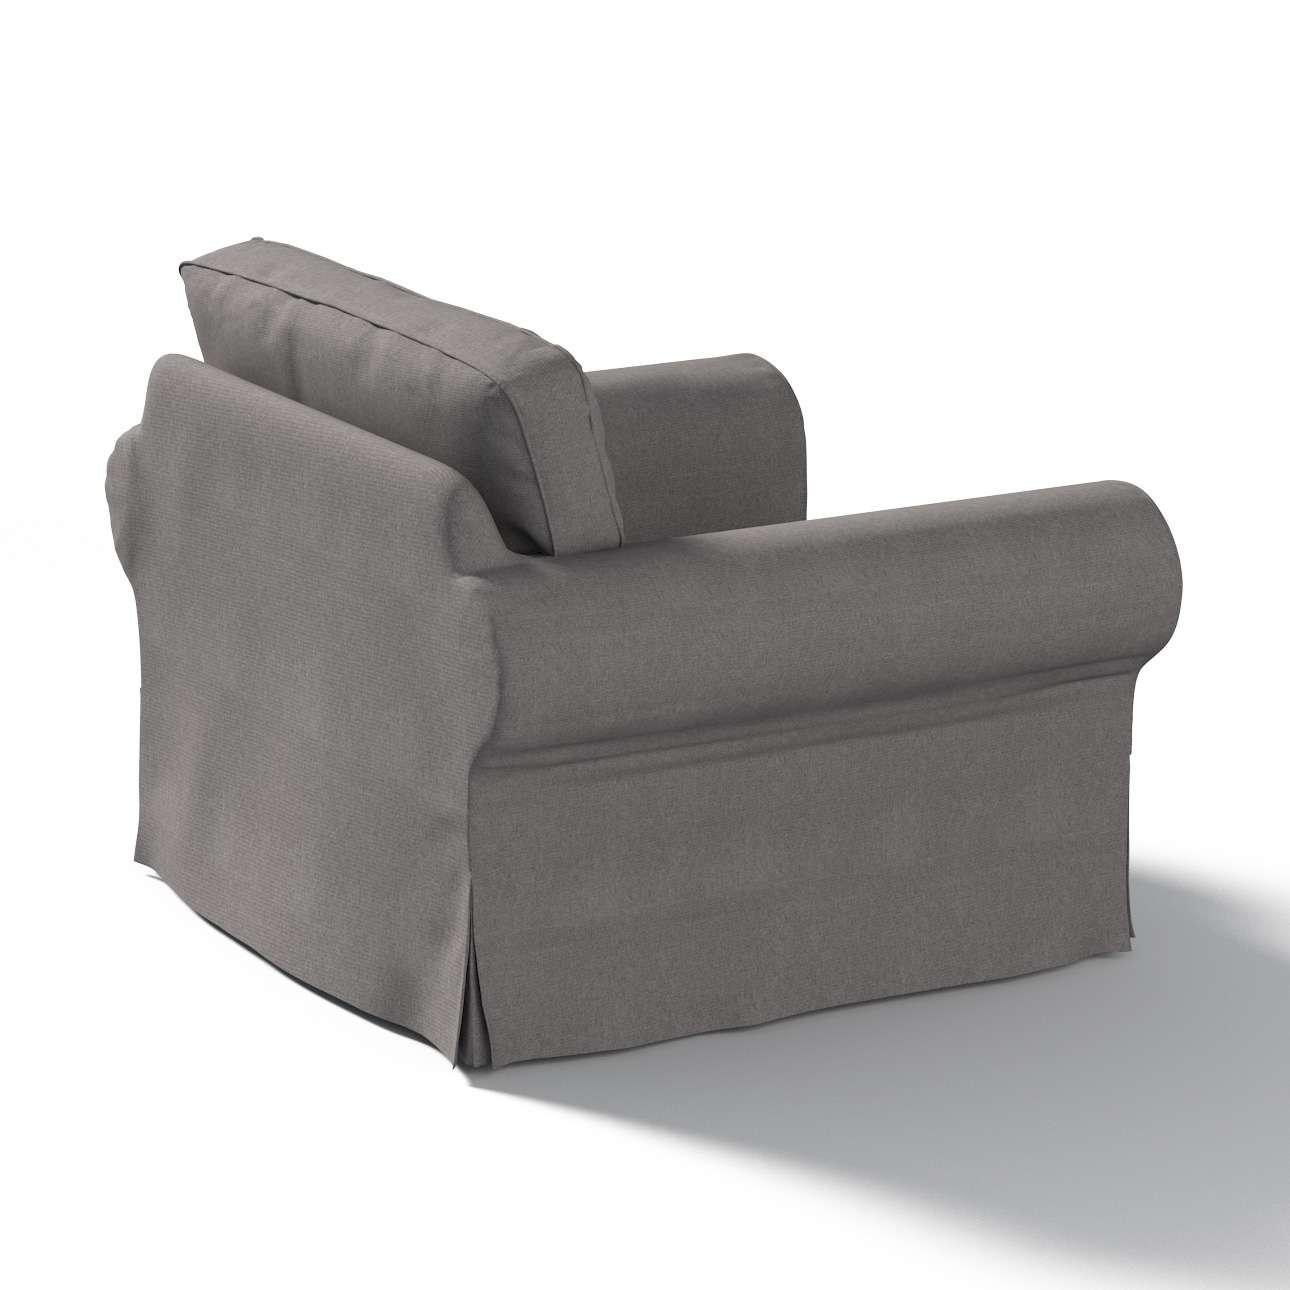 EKTORP fotelio užvalkalas Ektorp fotelio užvalkalas kolekcijoje Etna , audinys: 705-35